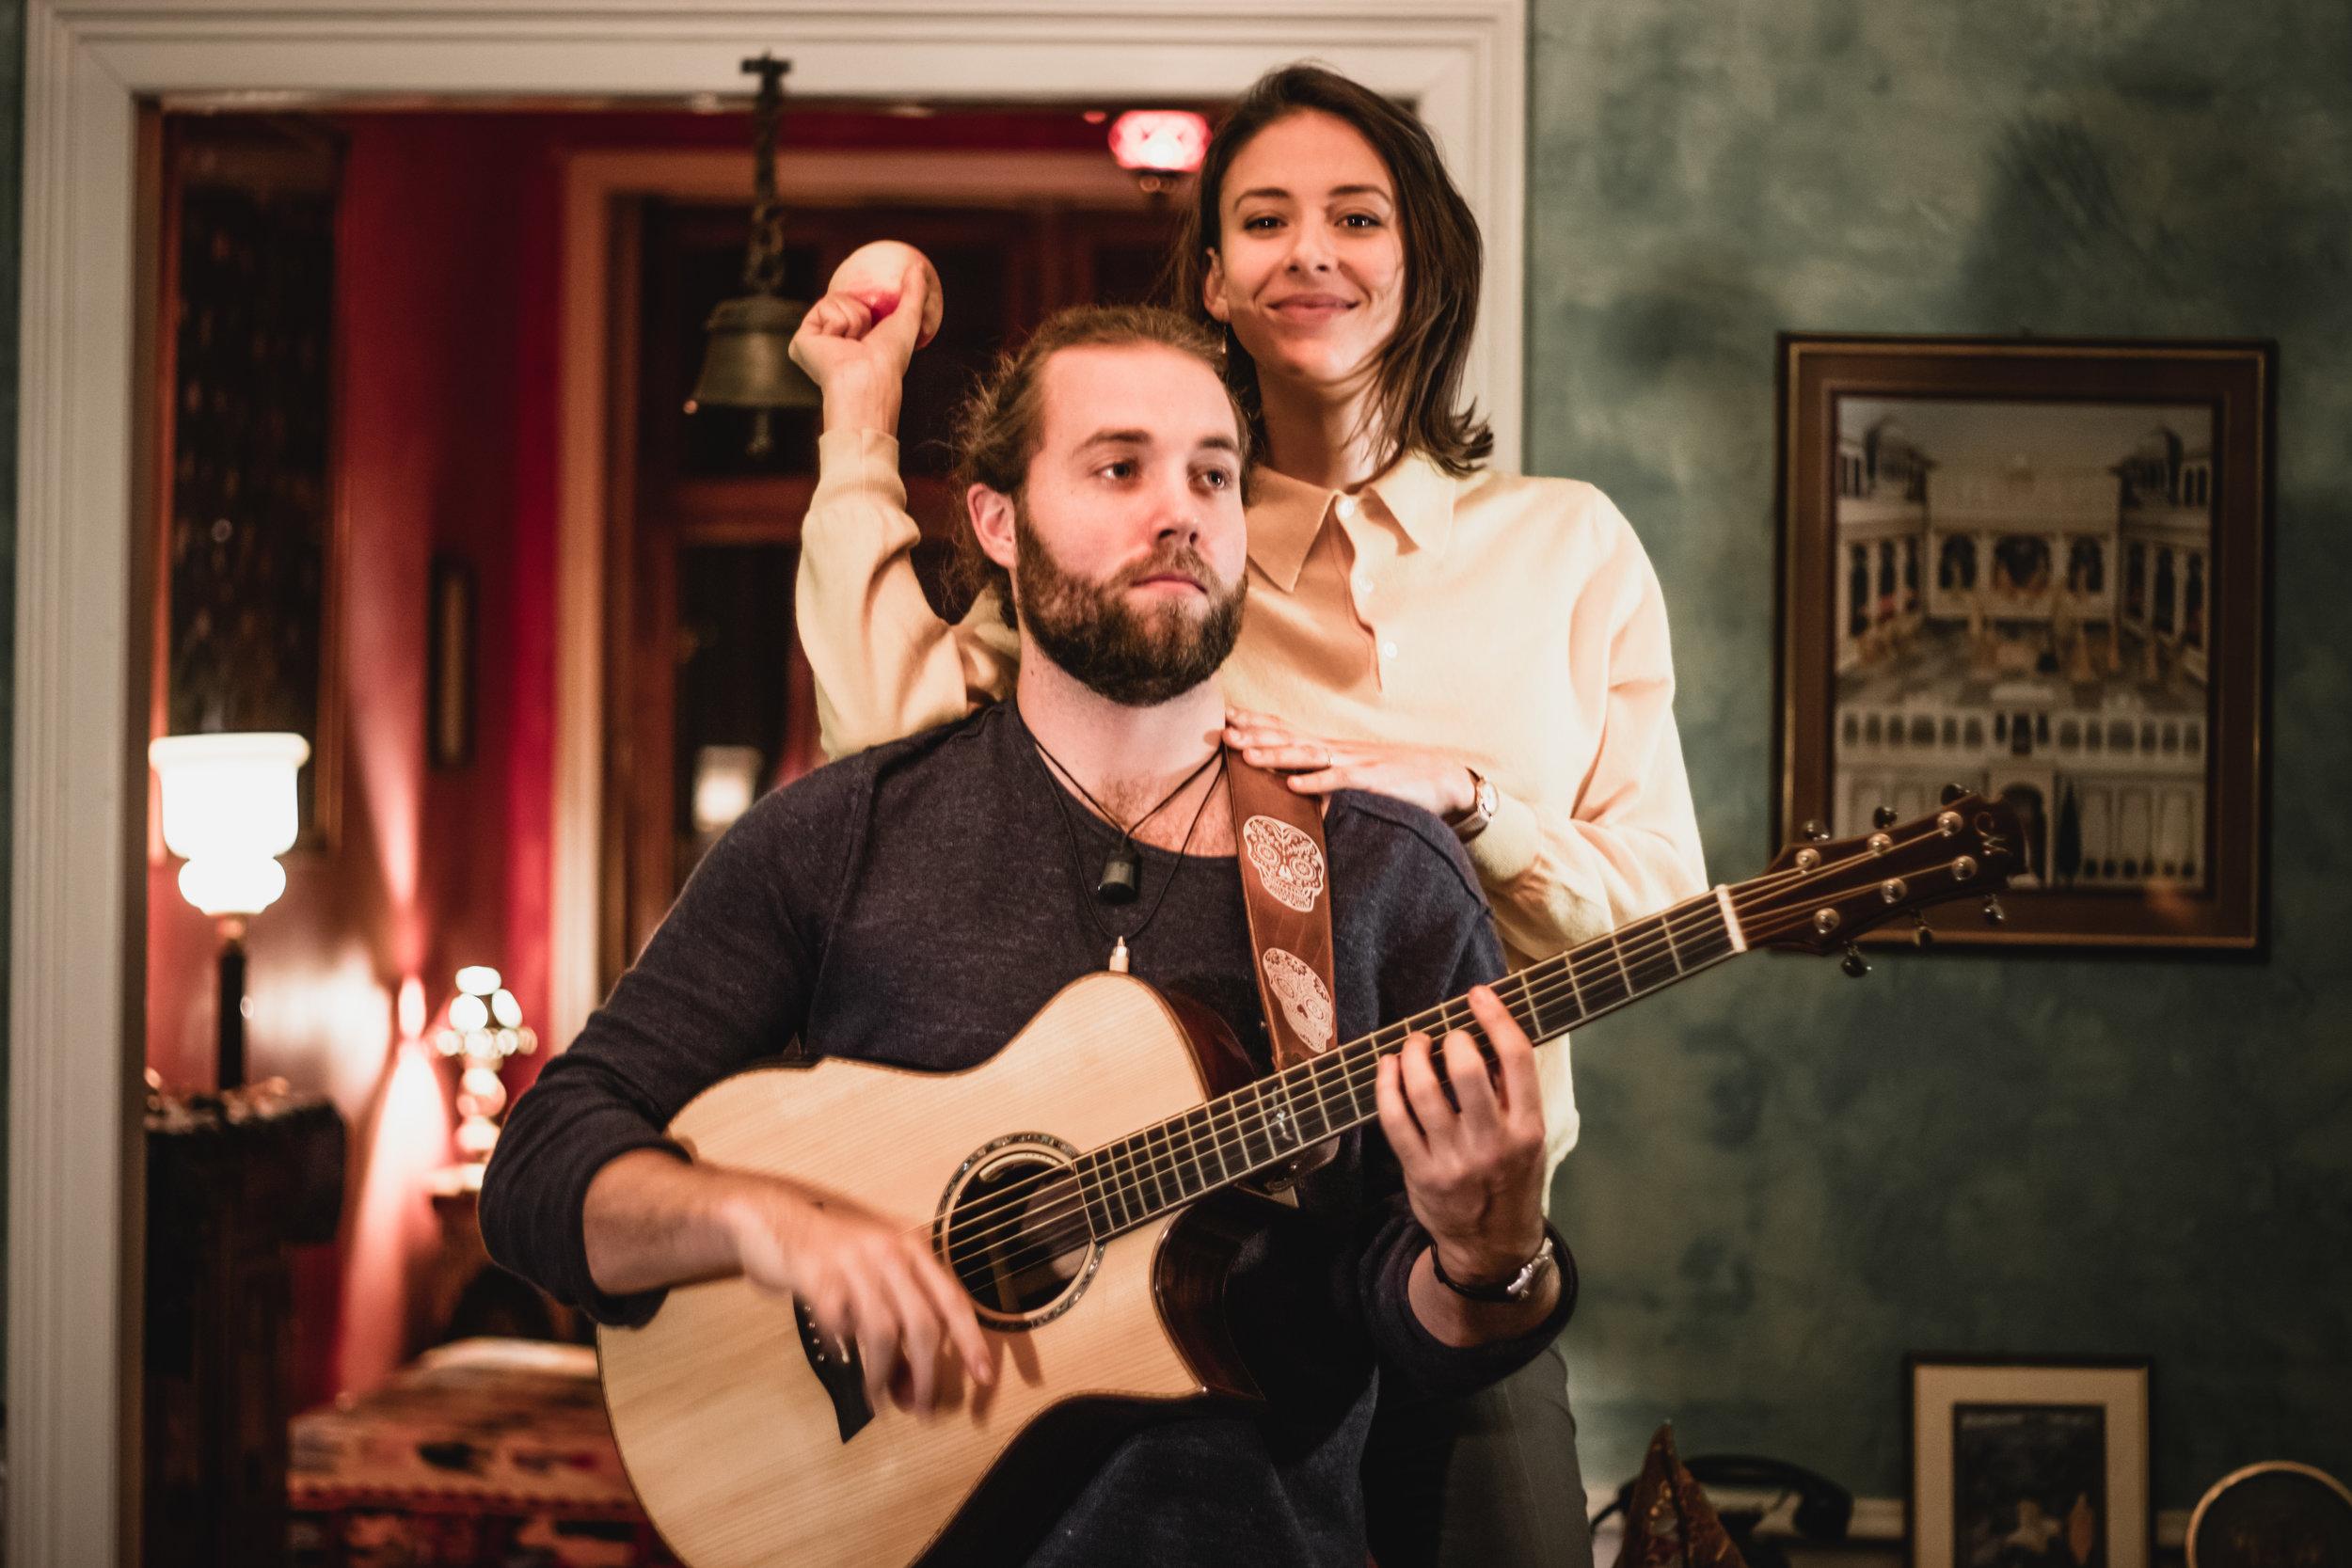 2017-12-19-Wohnzimmersession Celine Huber mit Zarek Silberschmidt-HQ-2 copy.jpg